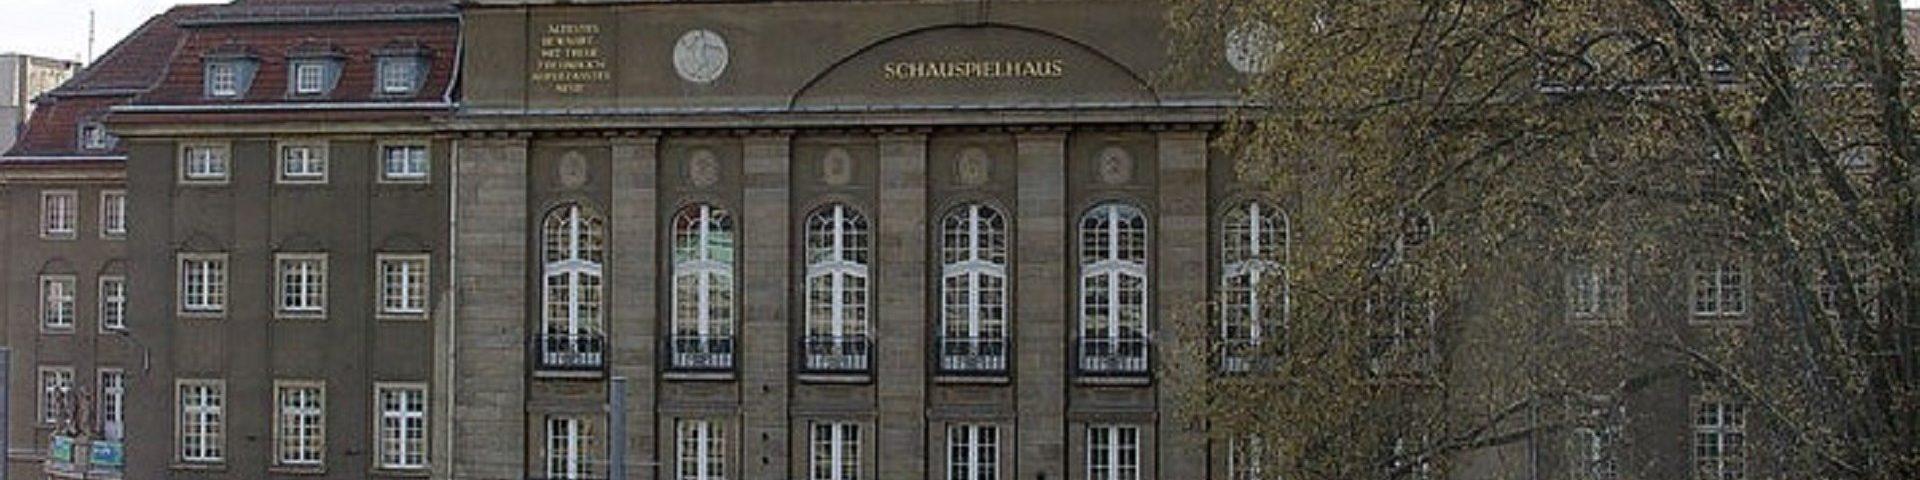 Vorhang auf! Das Dresdner Staatsschauspiel im Fokus der Stasi